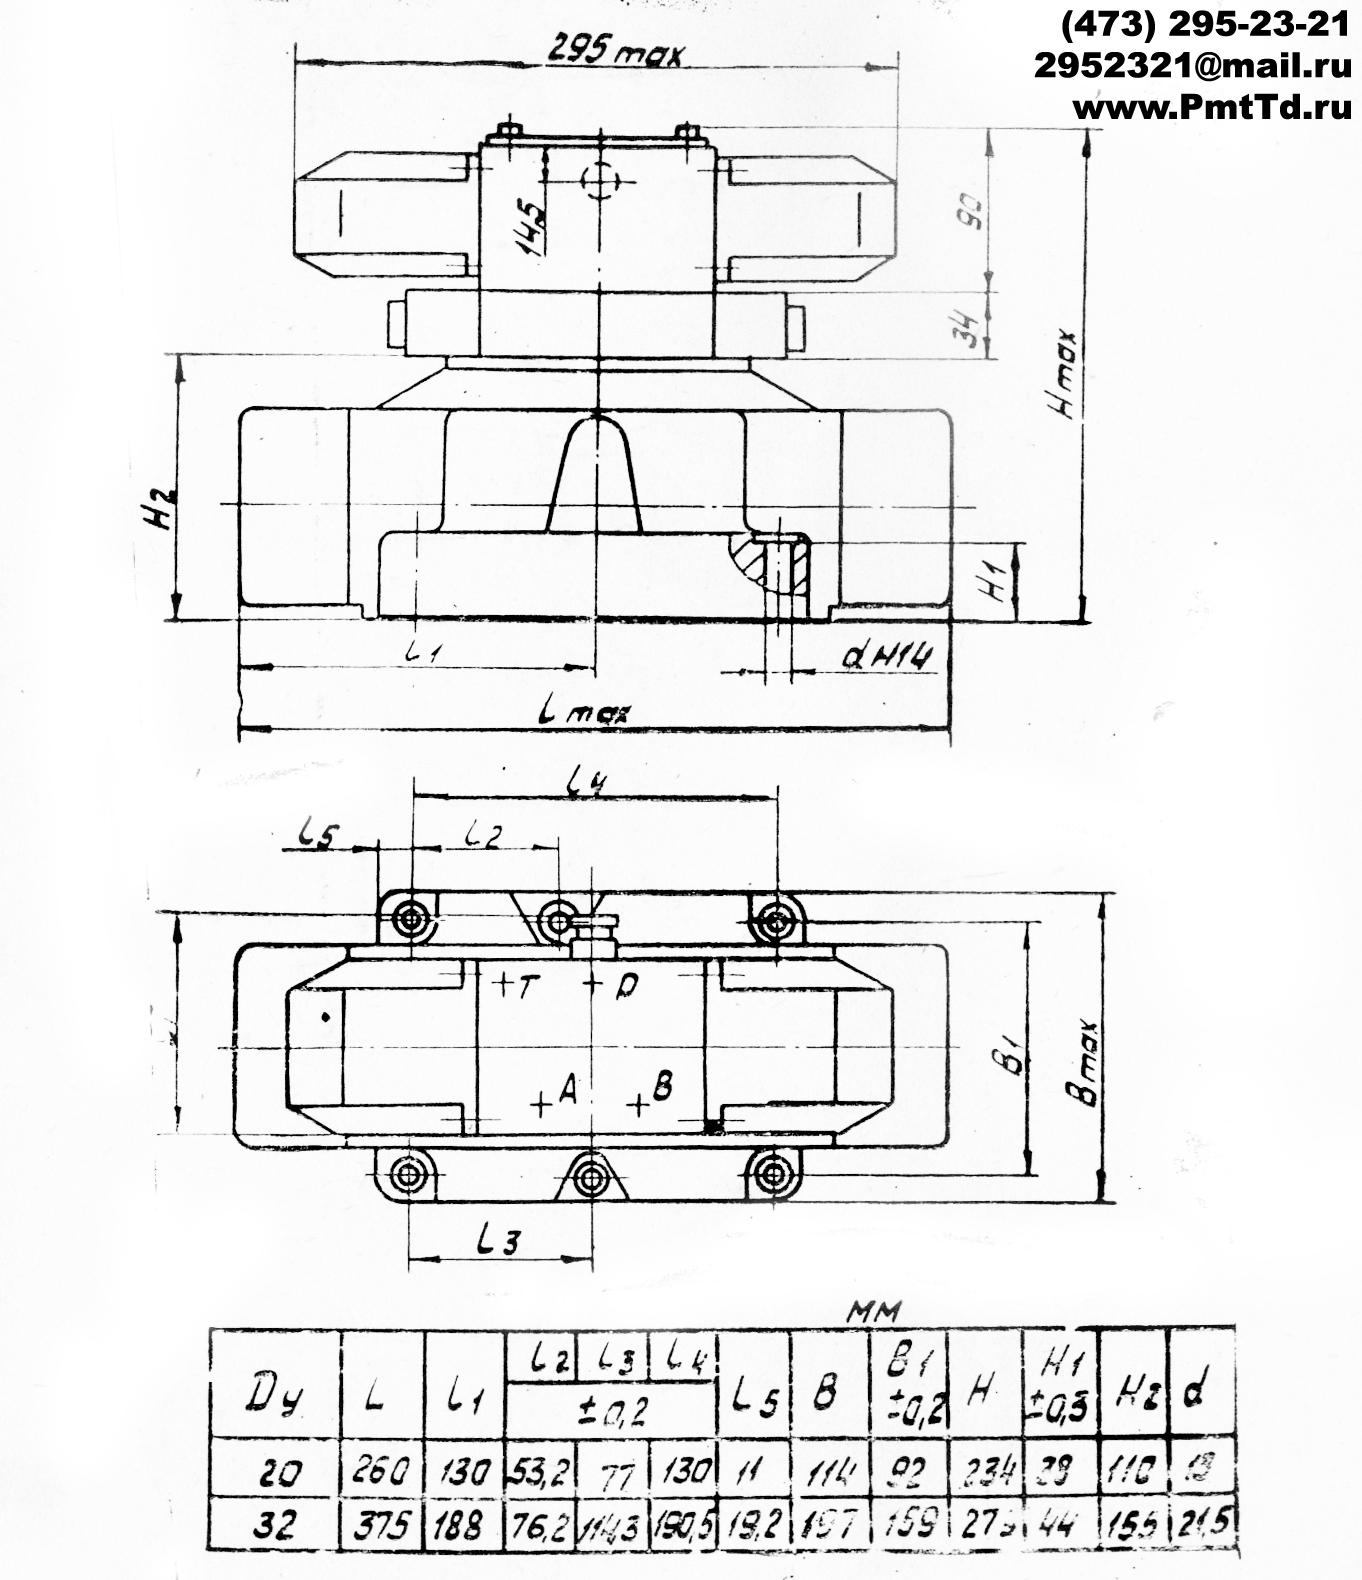 Габаритные размеры гидрораспределителя с подводом электрокабеля сбоку 2Р203 В10 2Р323